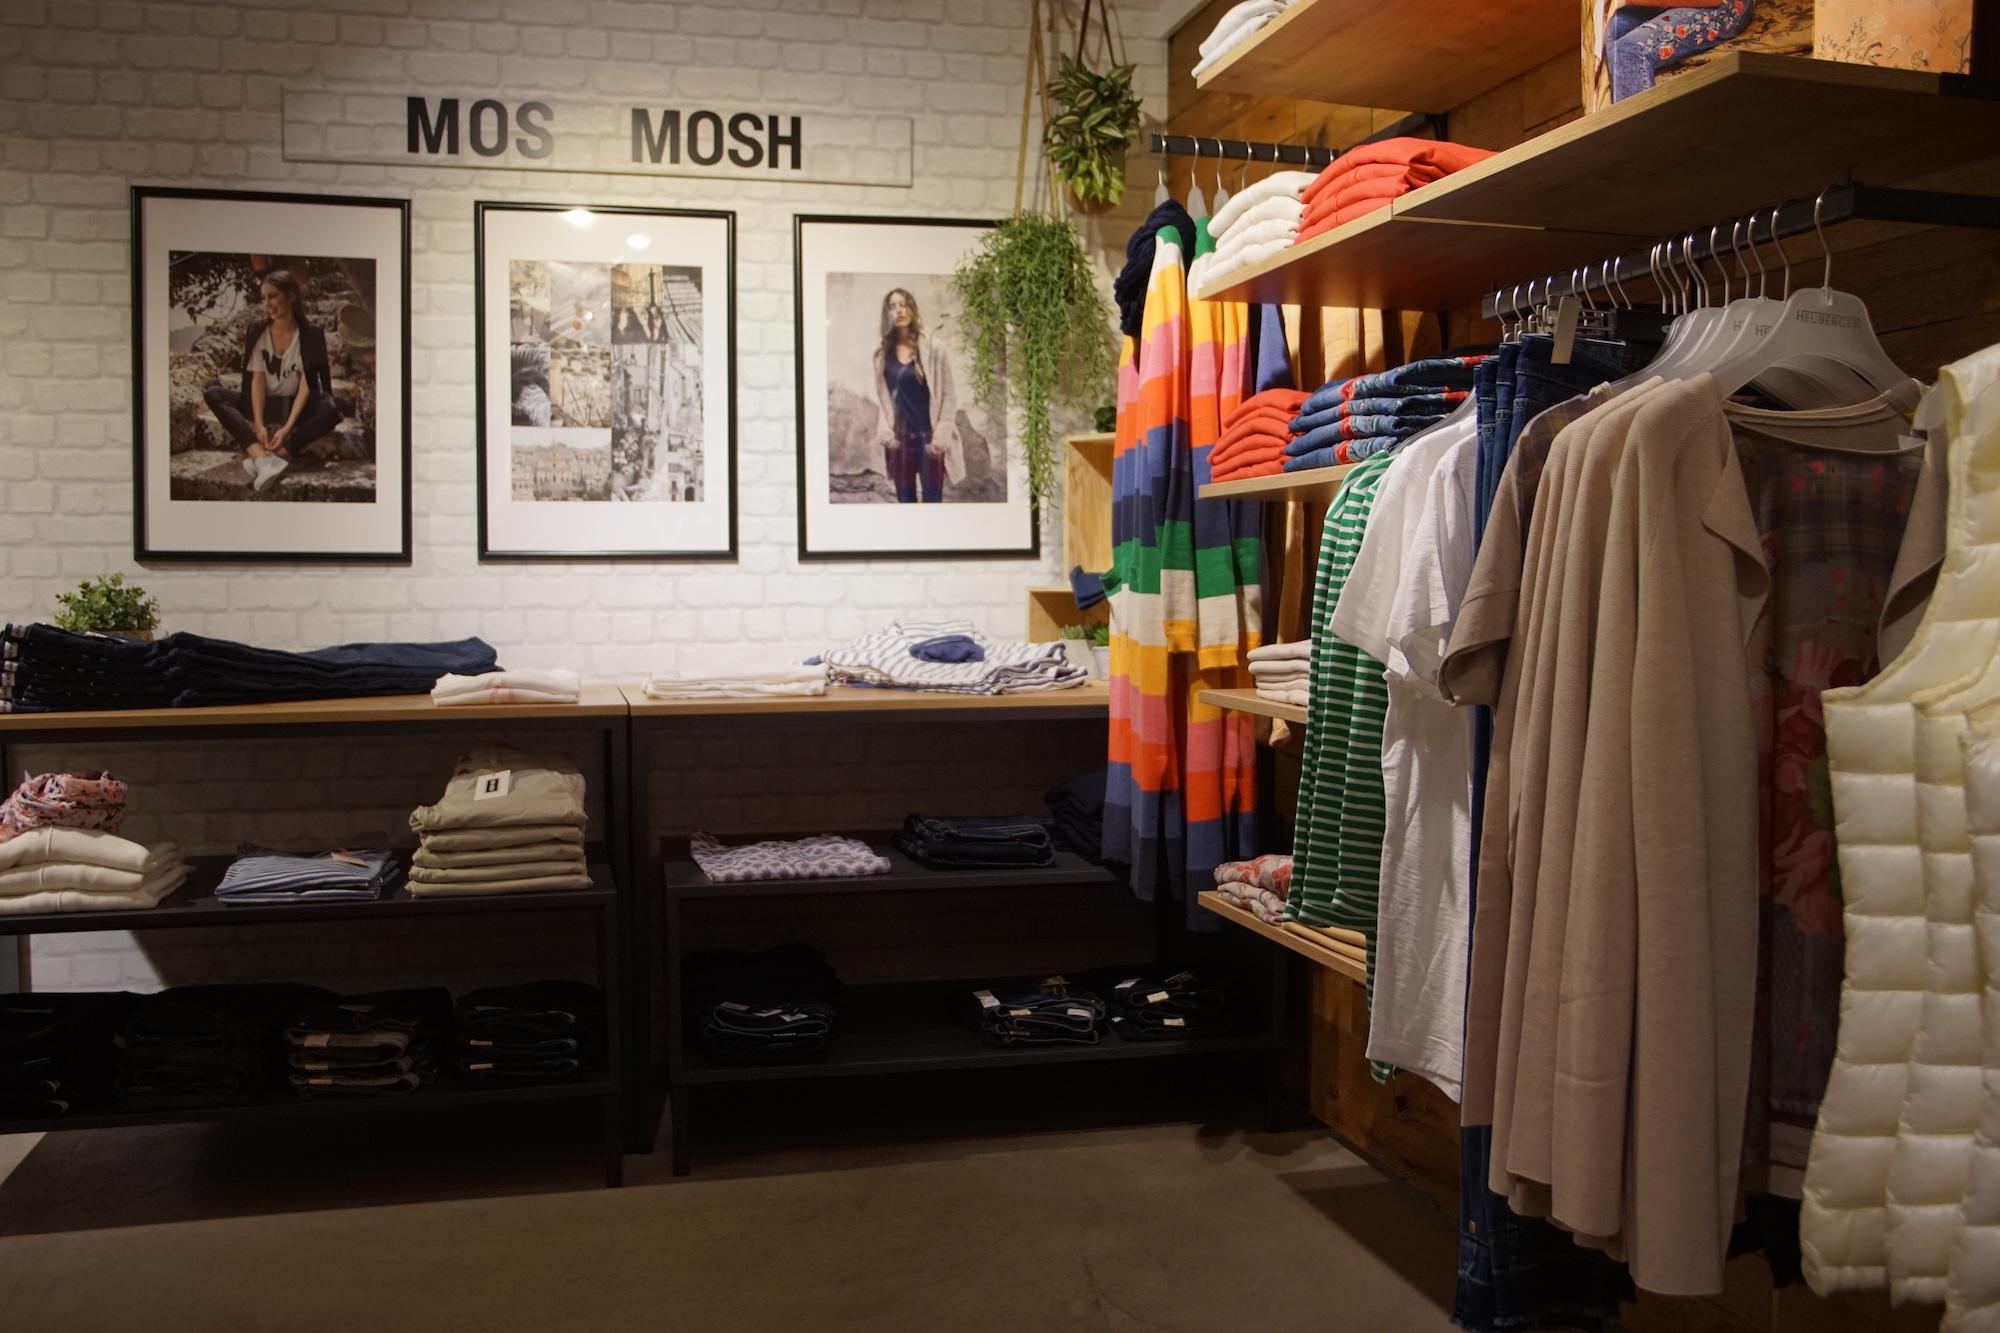 Mode von Mosh Mosh Modehaus Heuberger